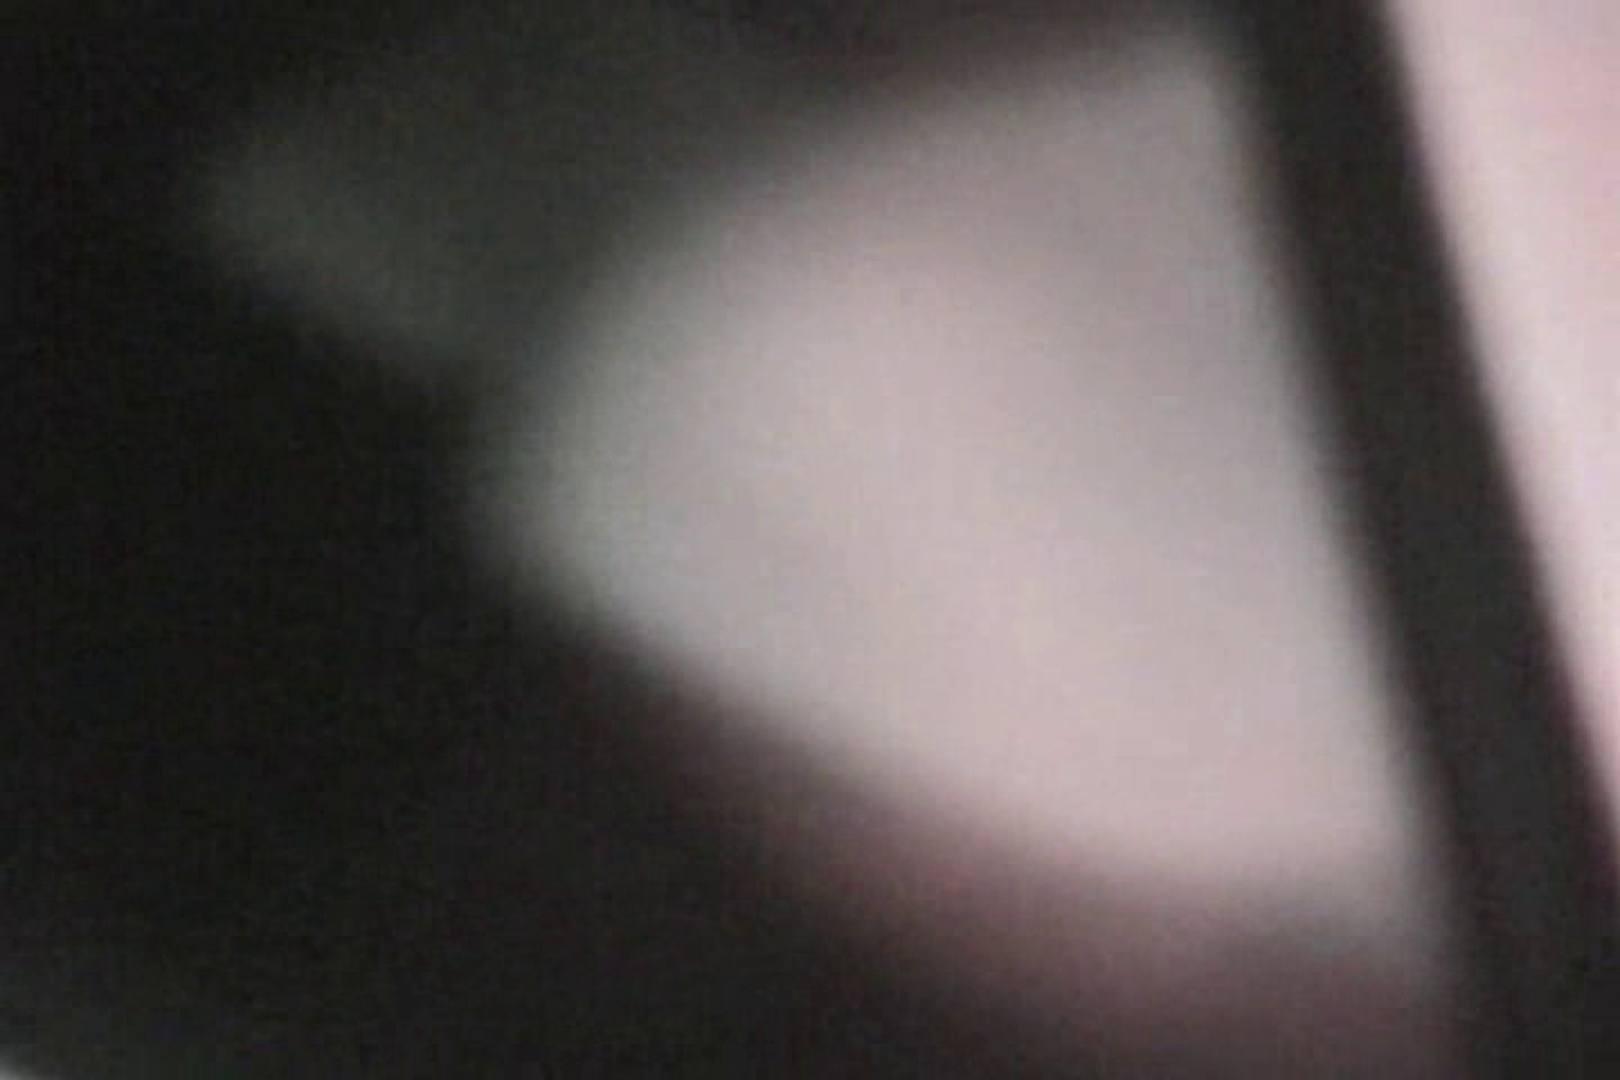 蔵出し!!赤外線カーセックスVol.23 カーセックス 覗きおまんこ画像 49連発 49